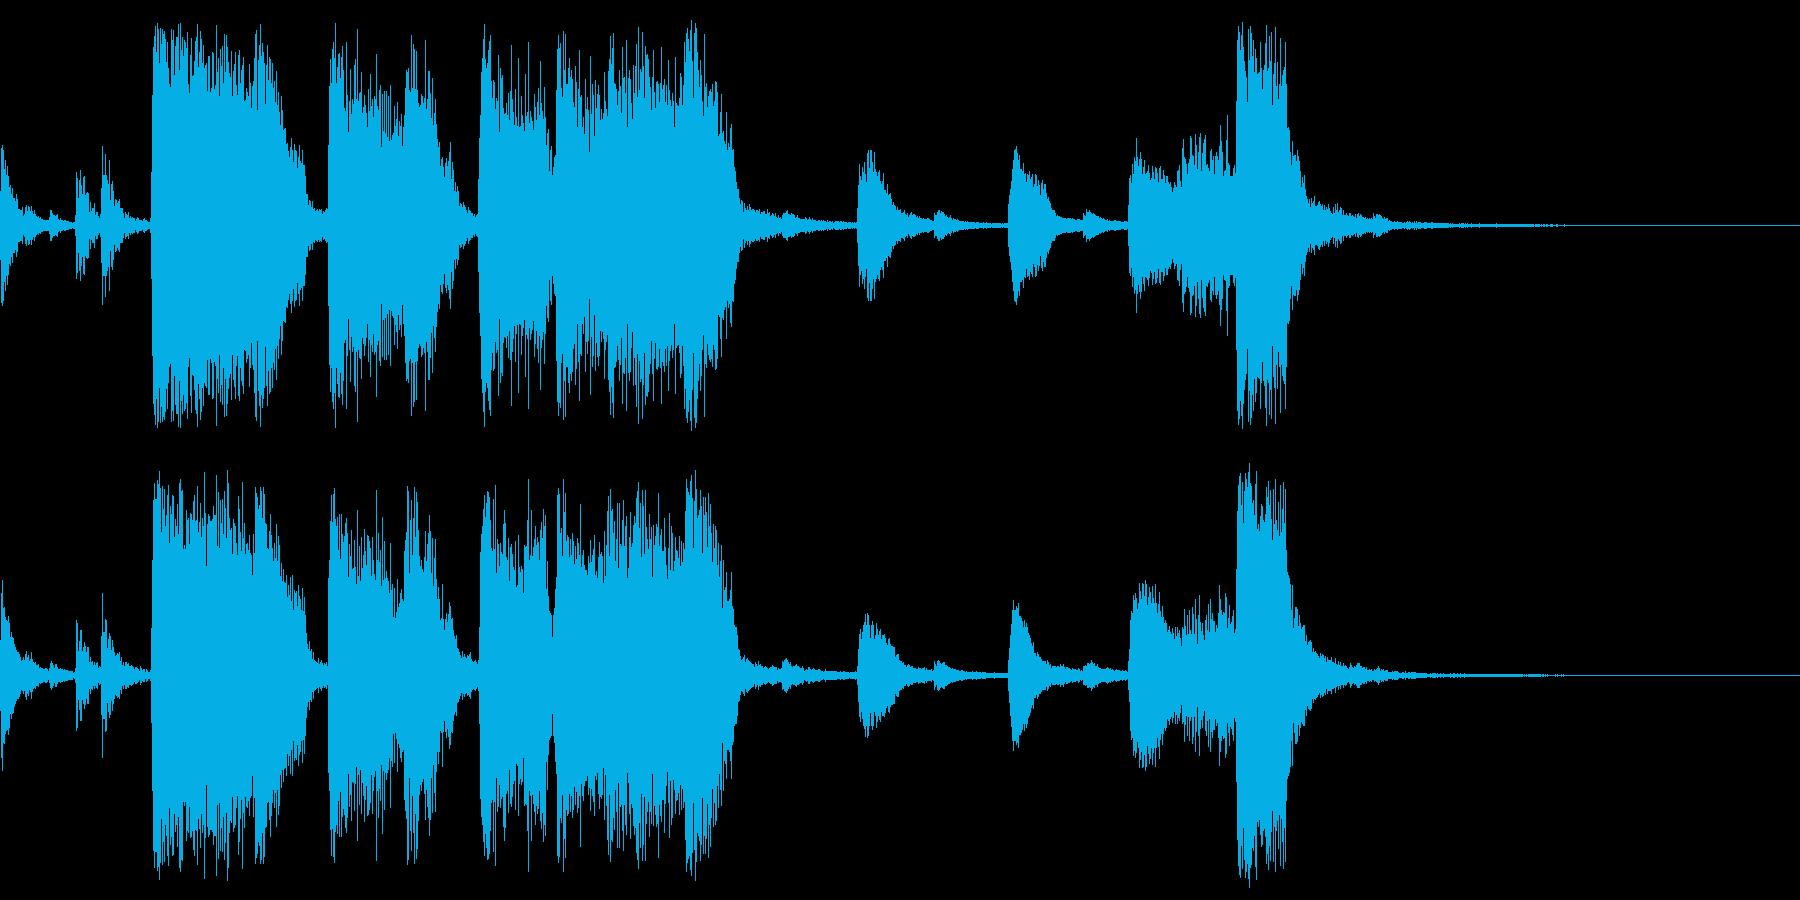 ビッグバンドの豪華なステージクリアBGMの再生済みの波形